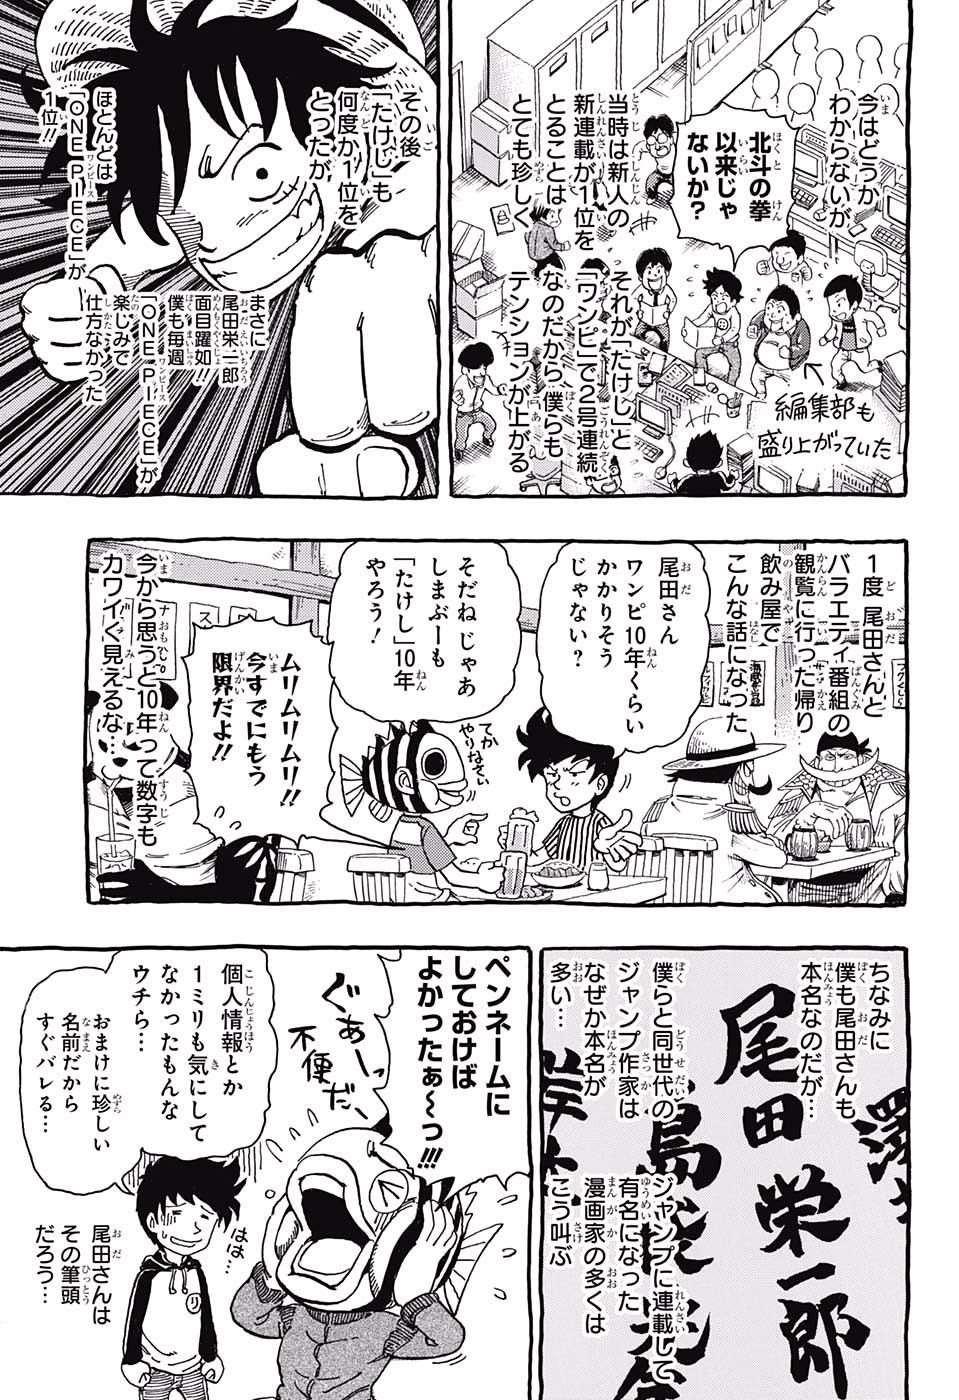 One Piece Manga 2017 DRQxodgt